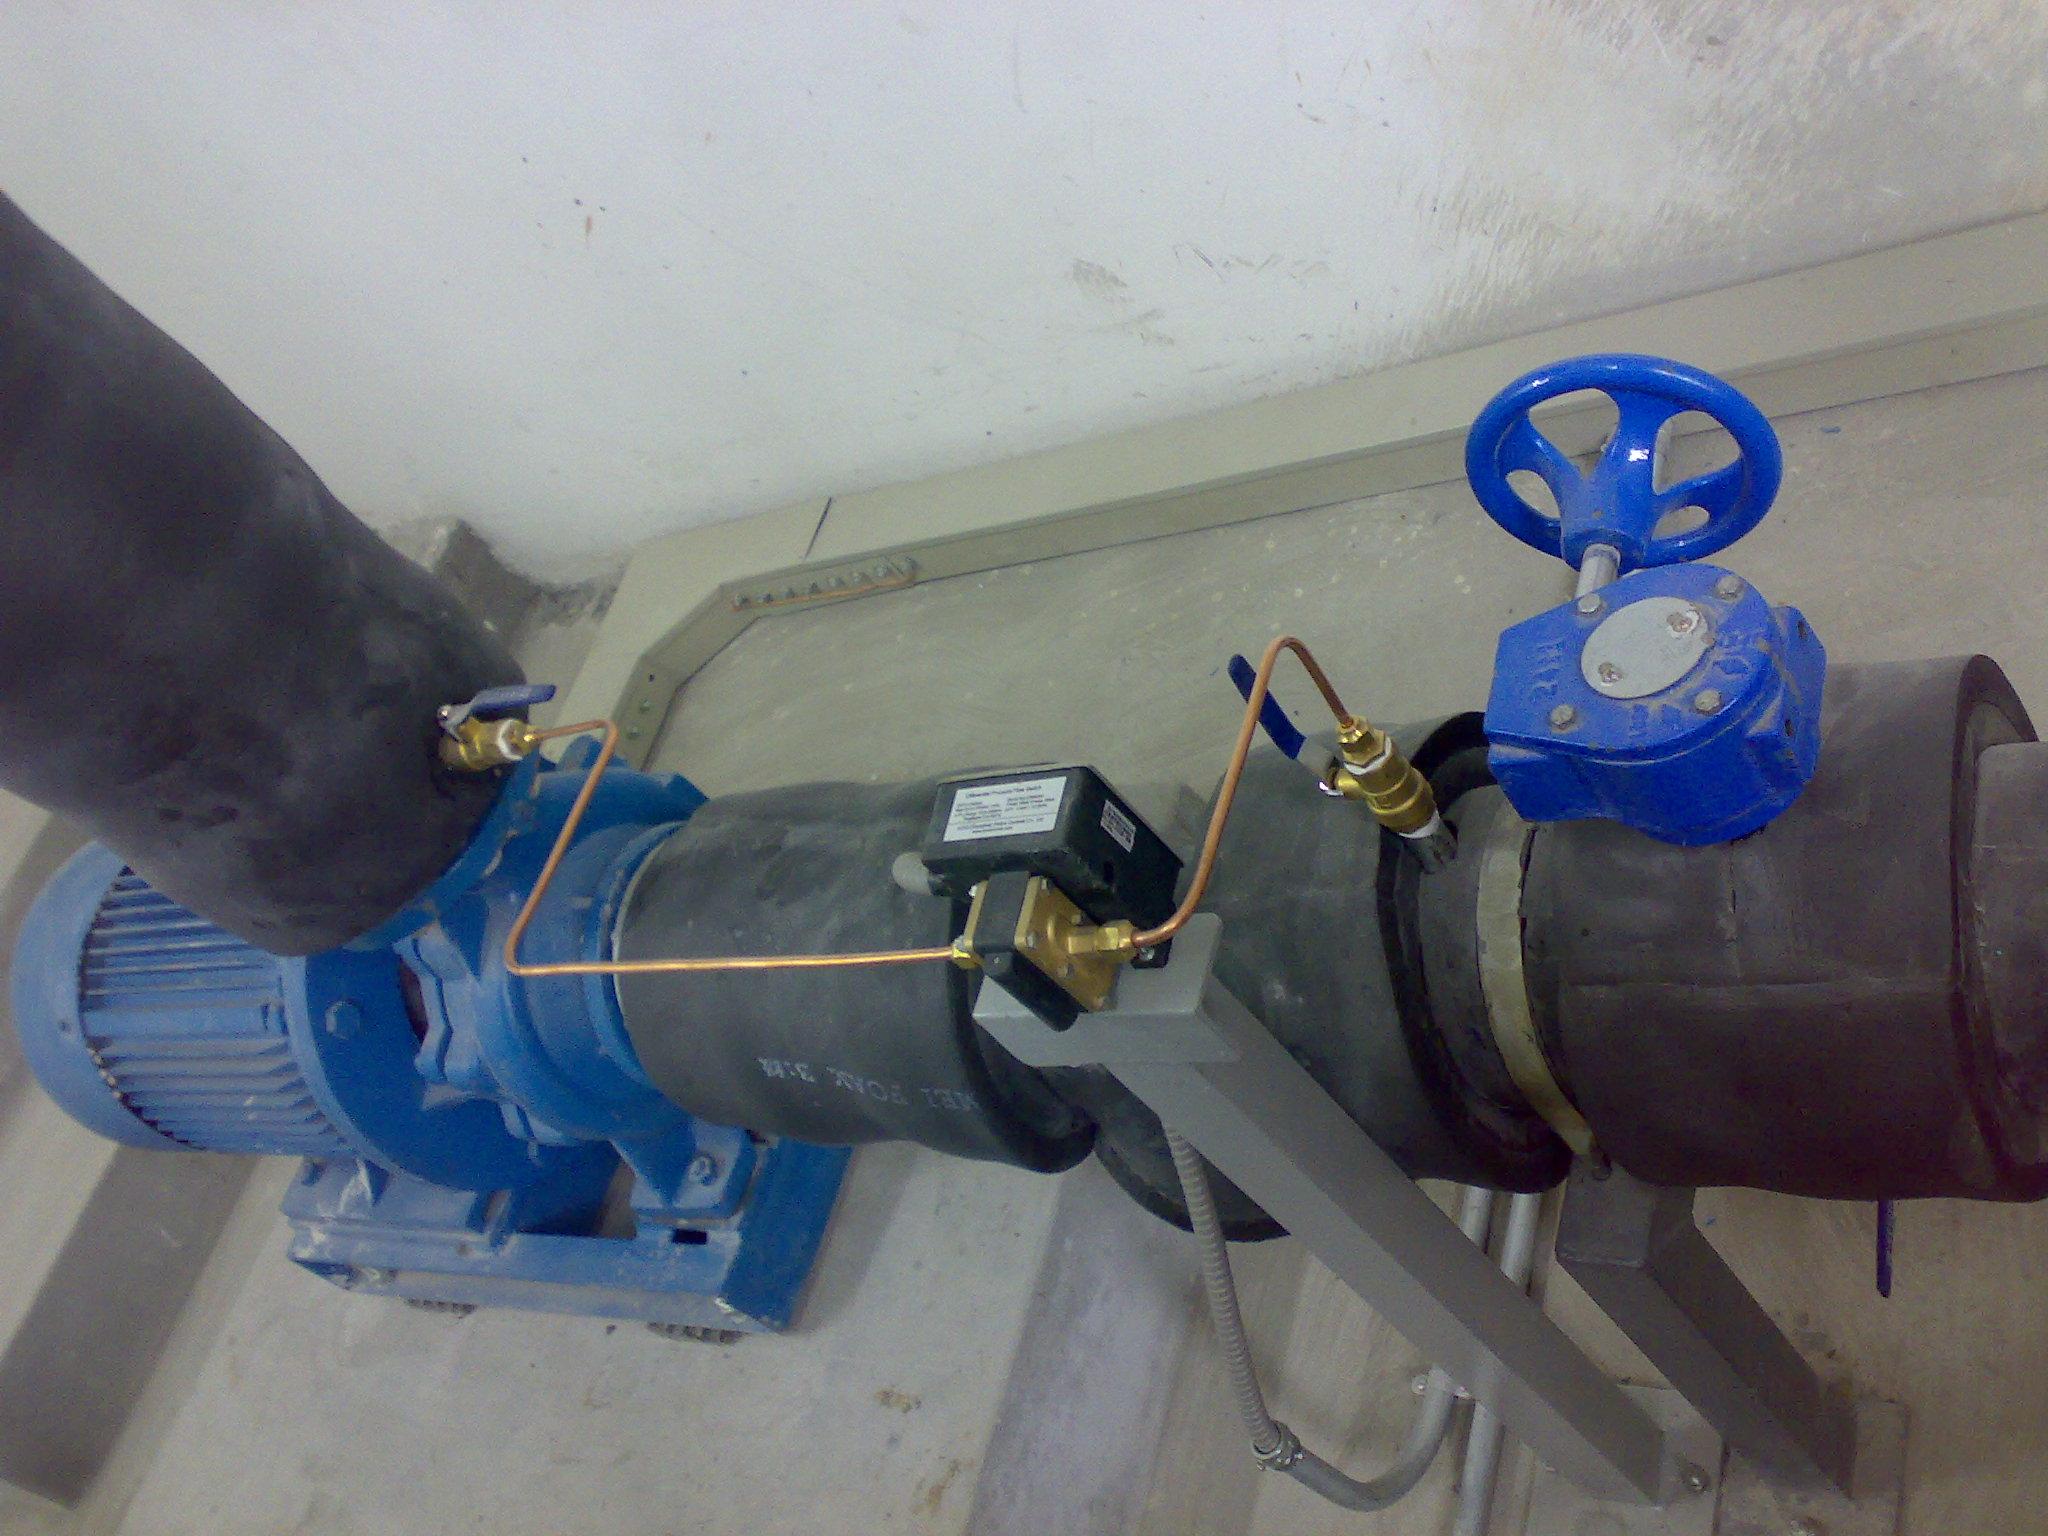 GE-511系列差压式流量开关通过两根细的导压铜管来监控水泵的流量